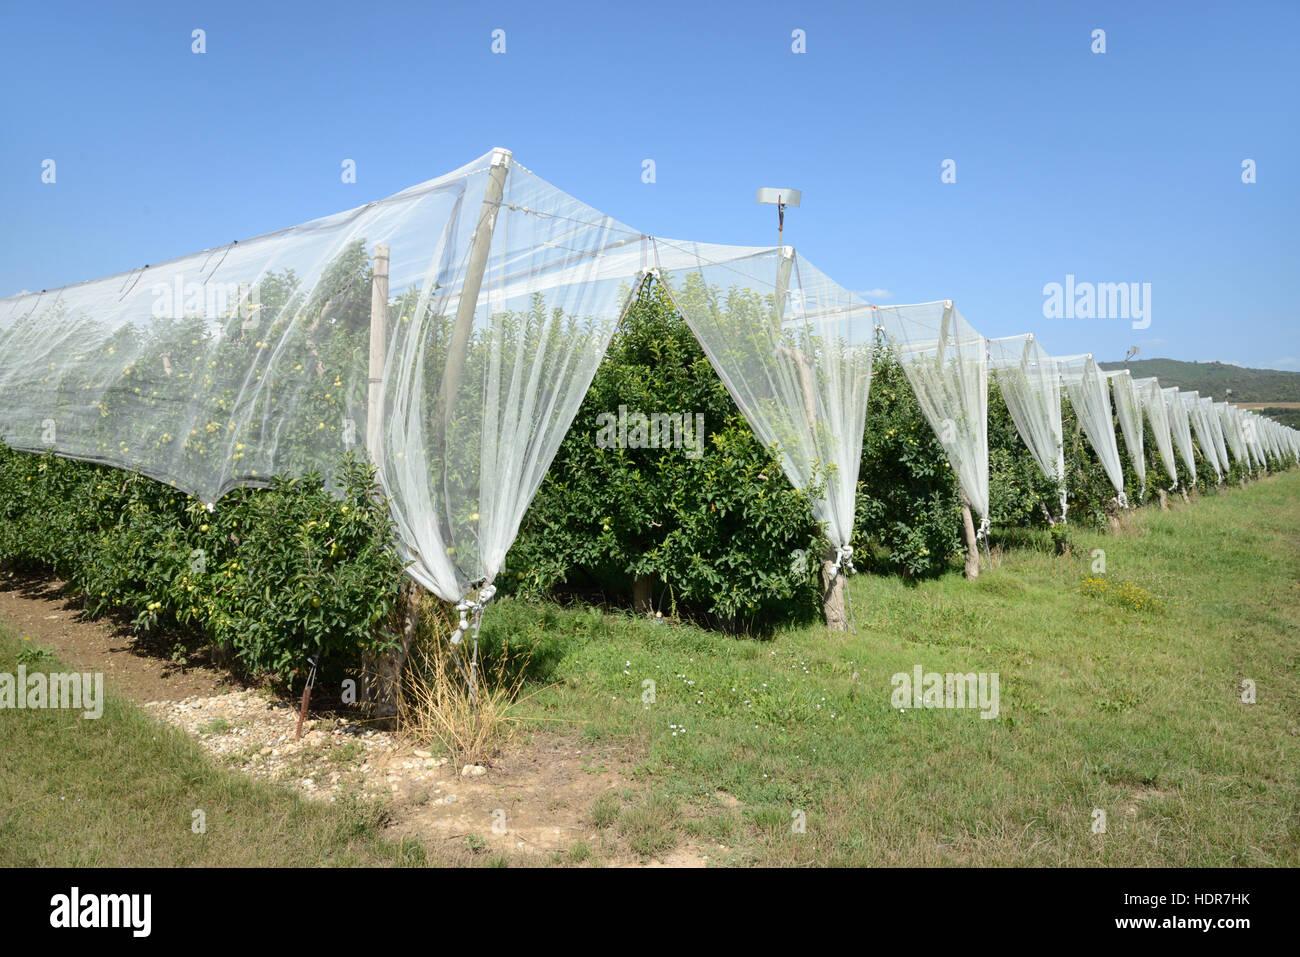 Redes de protección de cultivos para mantener a las aves fuera de manzanos en una zona de intensa producción Imagen De Stock